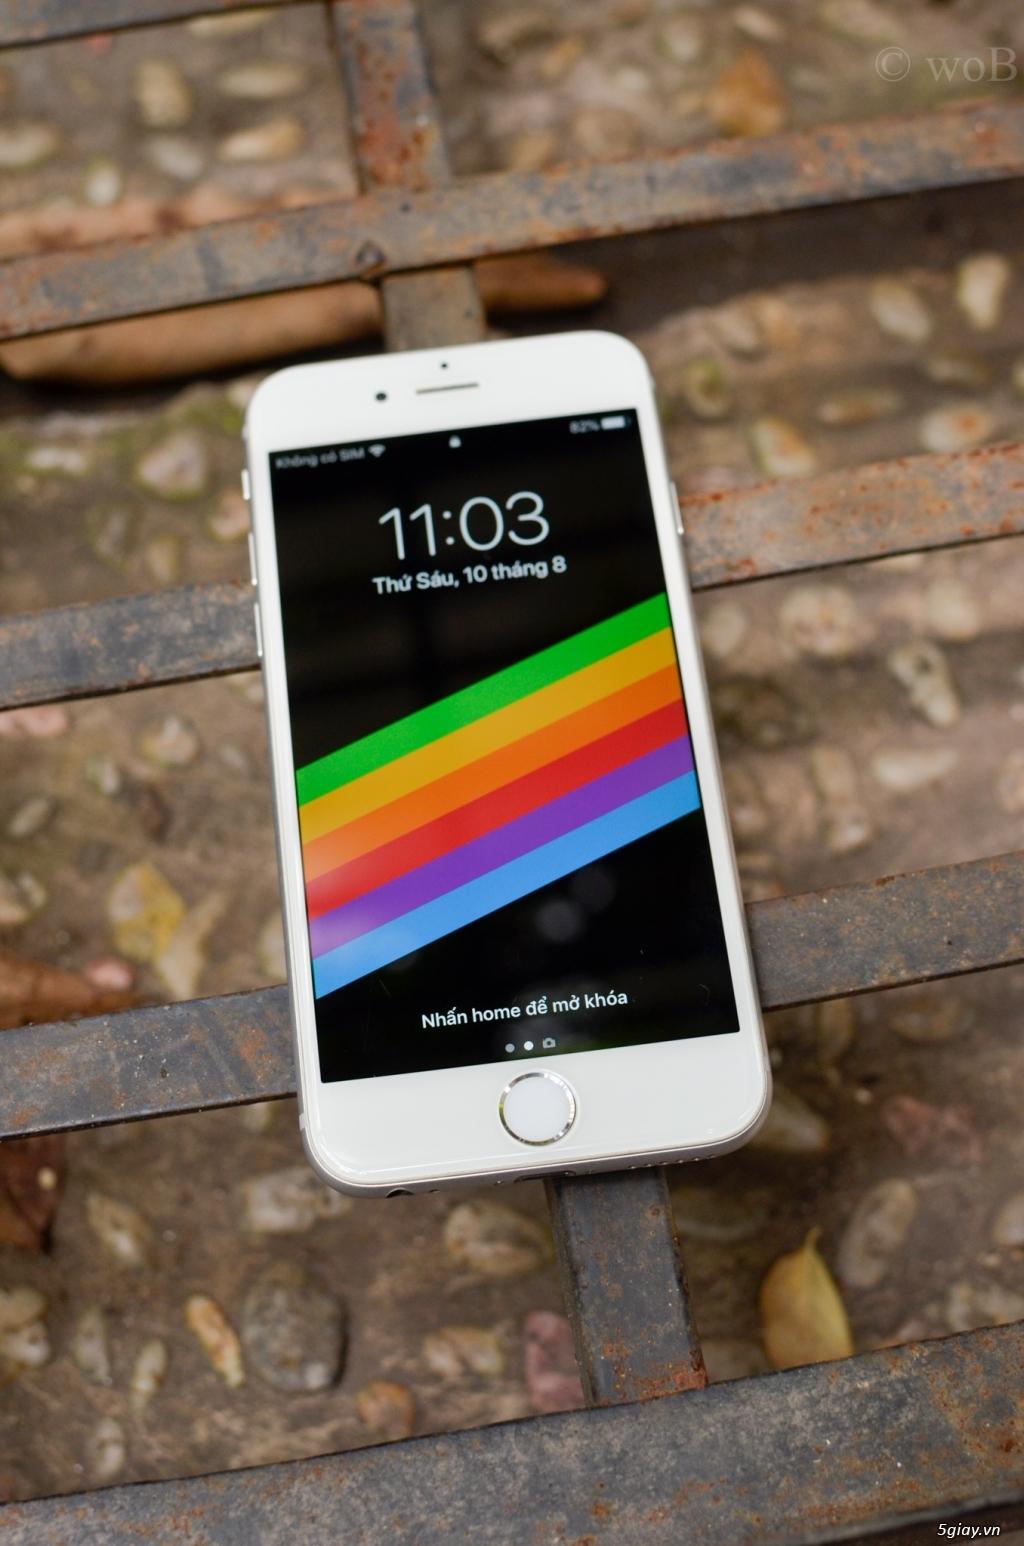 CẦN BÁN IPHONE 6 (64GB) MÀU BẠC, BẢN QUỐC TẾ - 3